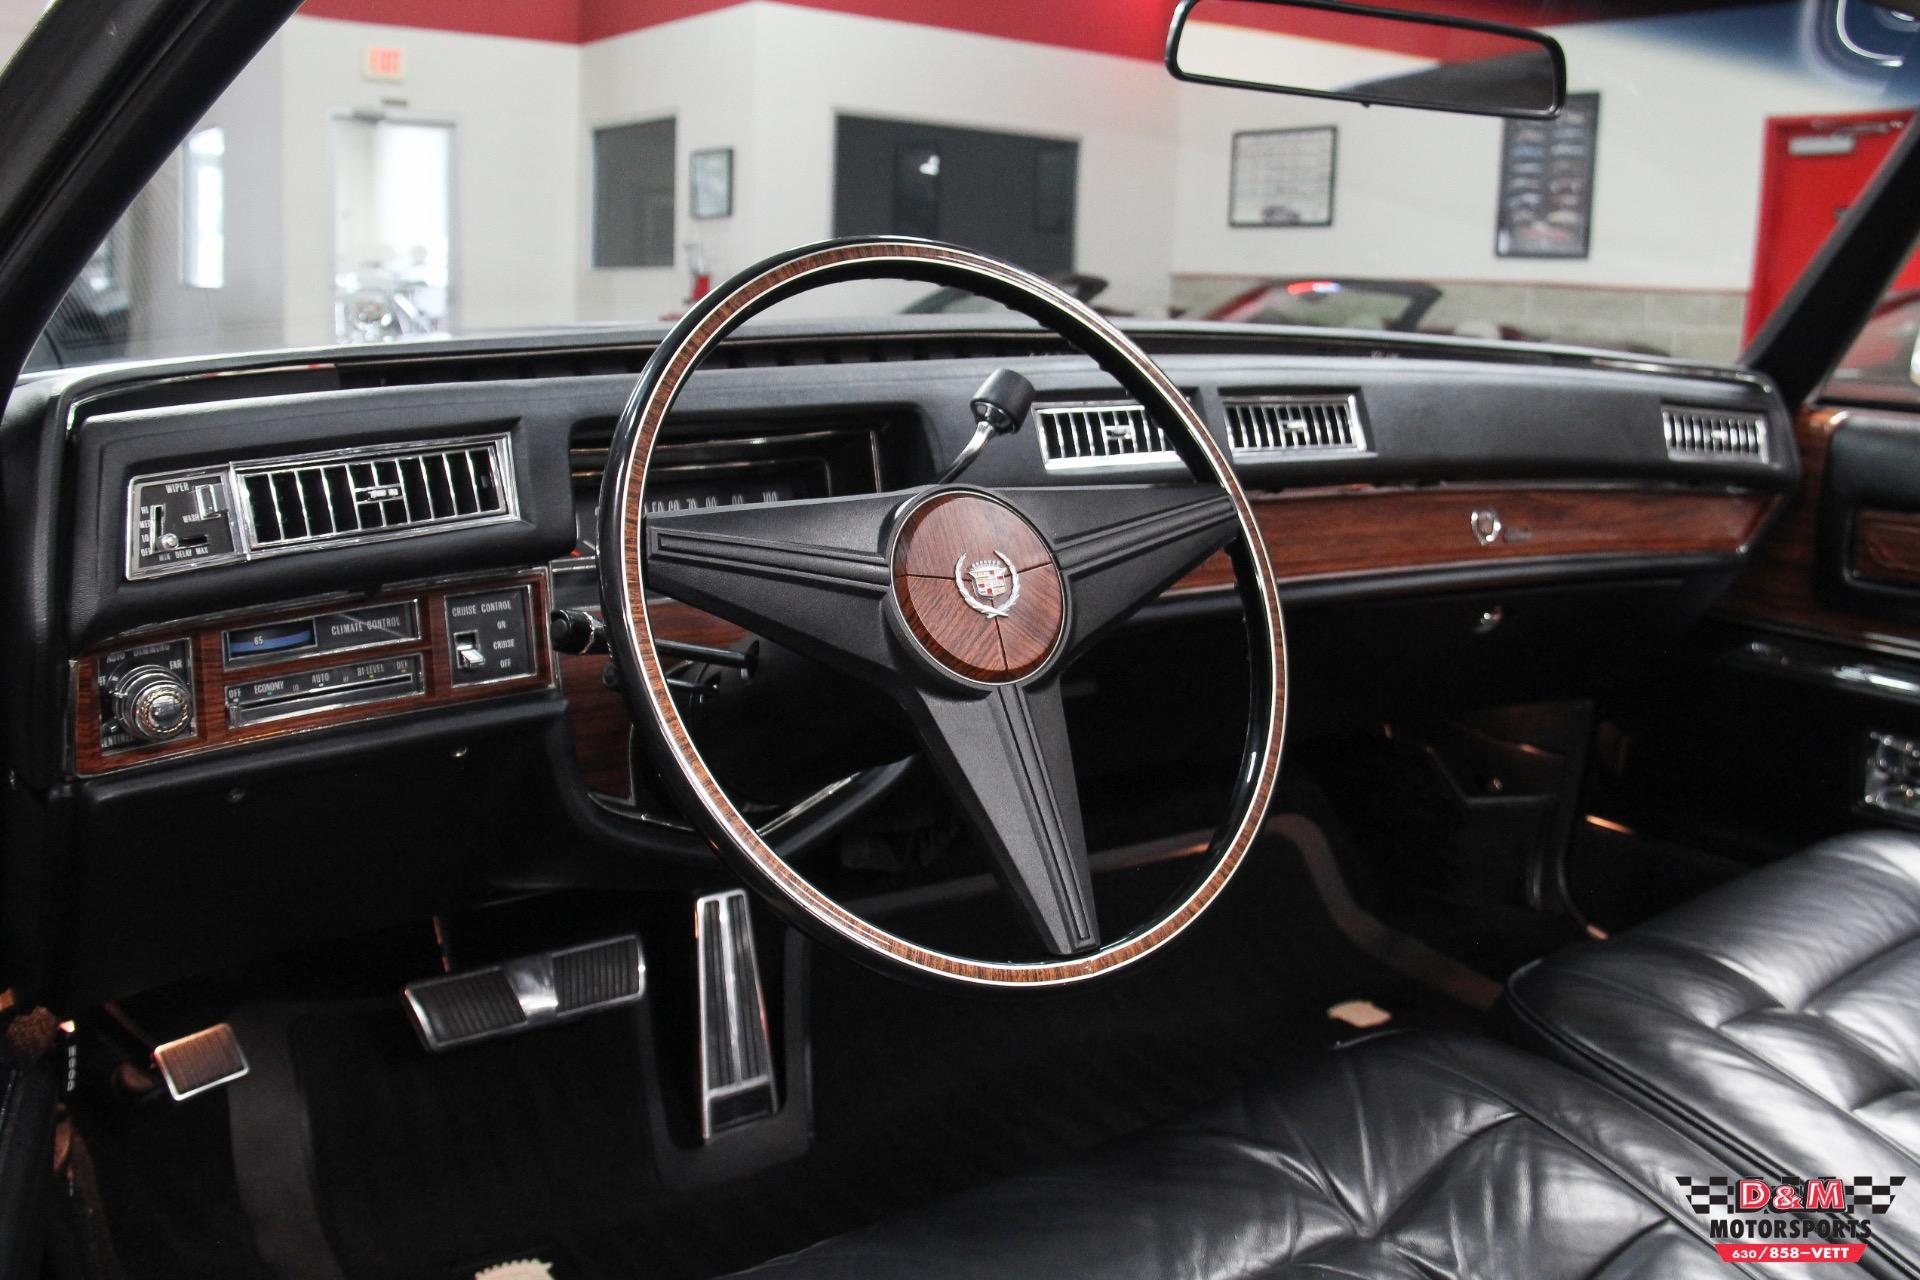 1976 Cadillac Eldorado Convertible Stock # M6374 for sale ...